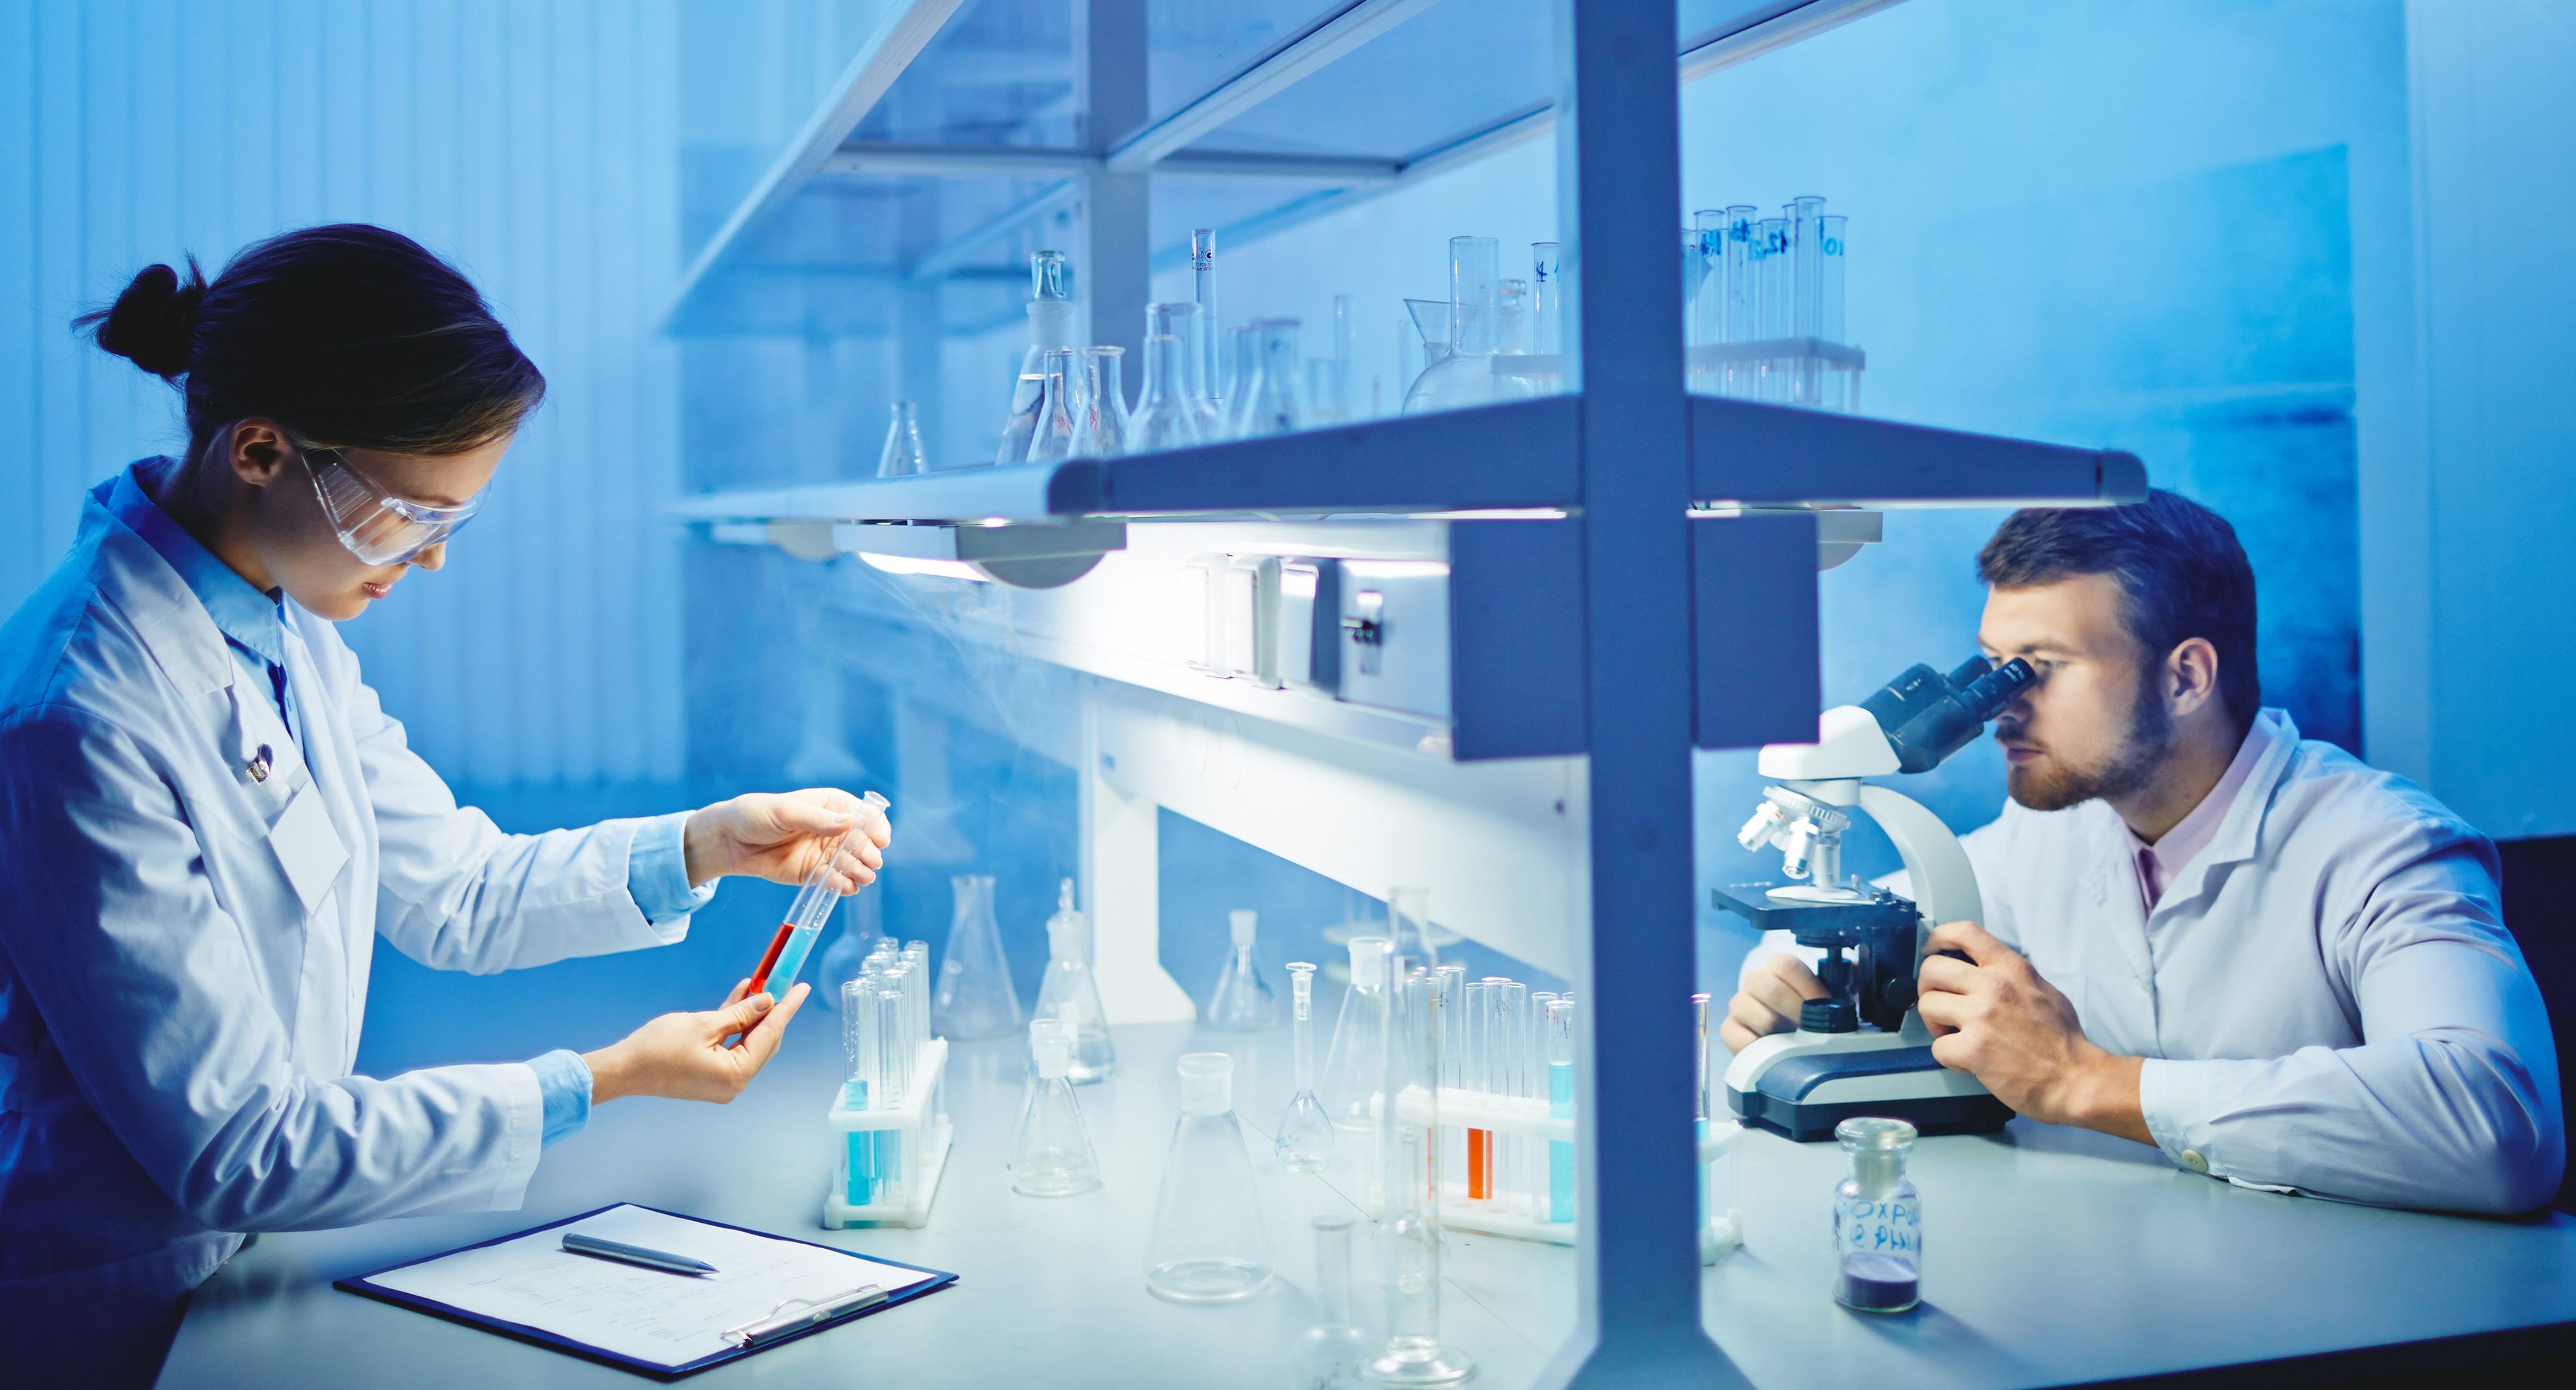 IRB | Institute for Research in Biomedicine | LinkedIn